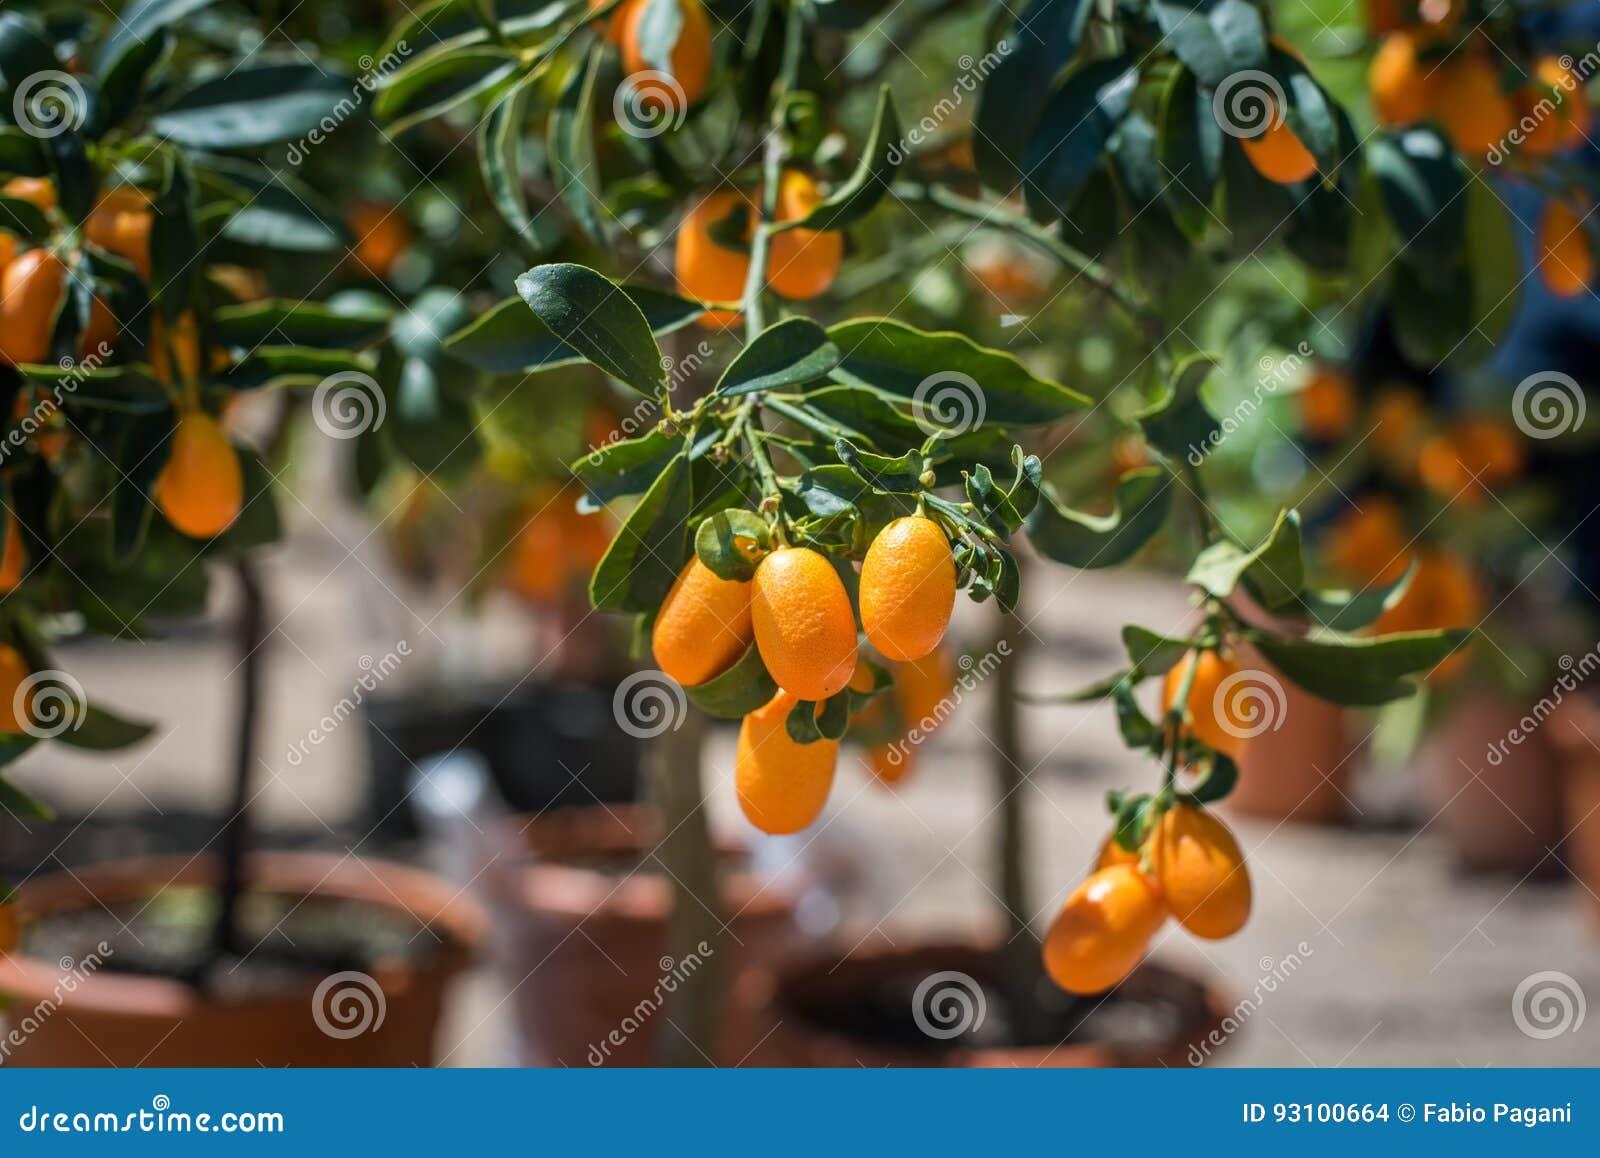 Fim do fruto do Kumquat acima no ramo de árvore verde